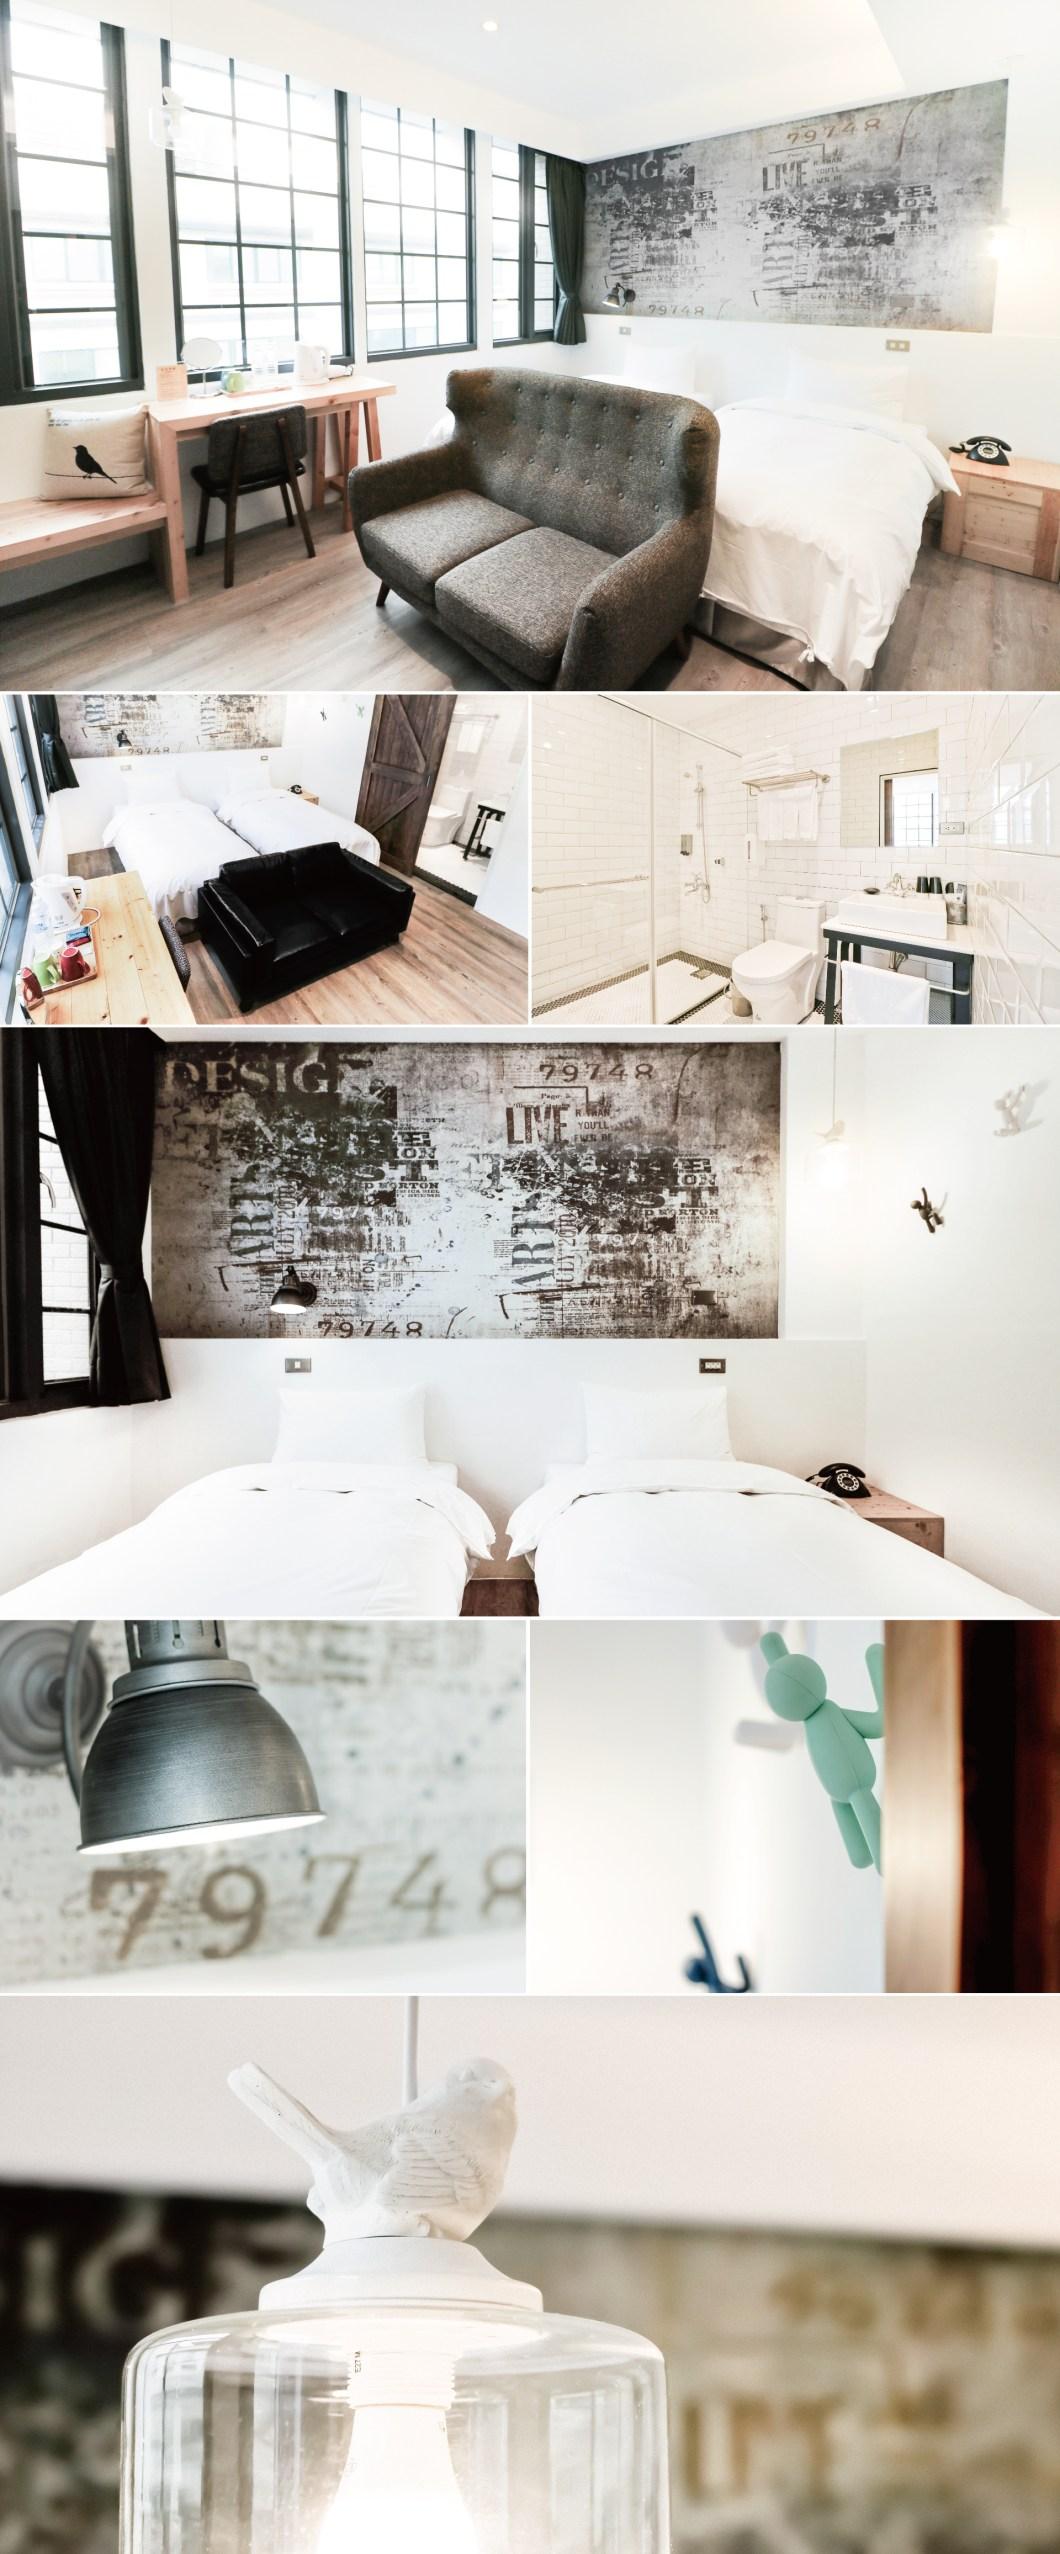 工業風 Room pics-02